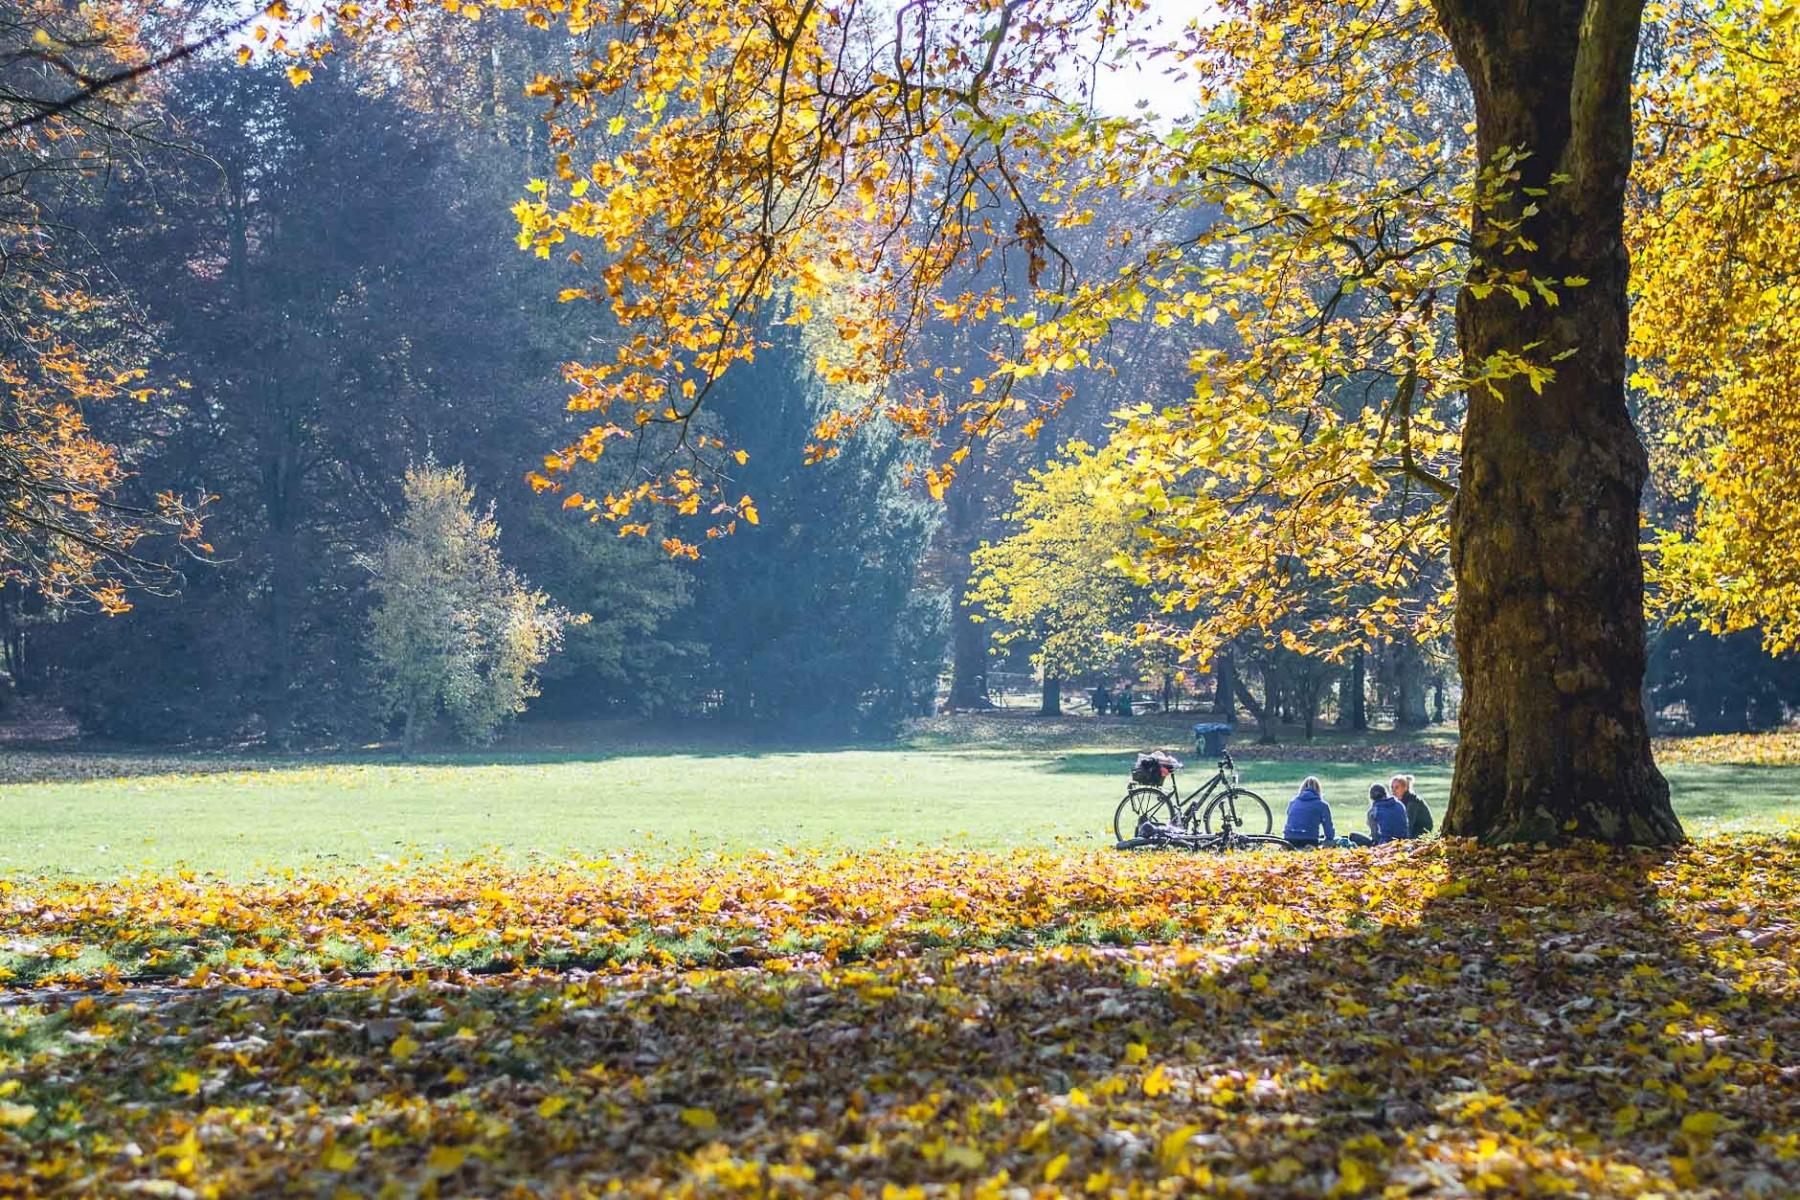 Göttingen, Lower Saxony, Germany in November 2015